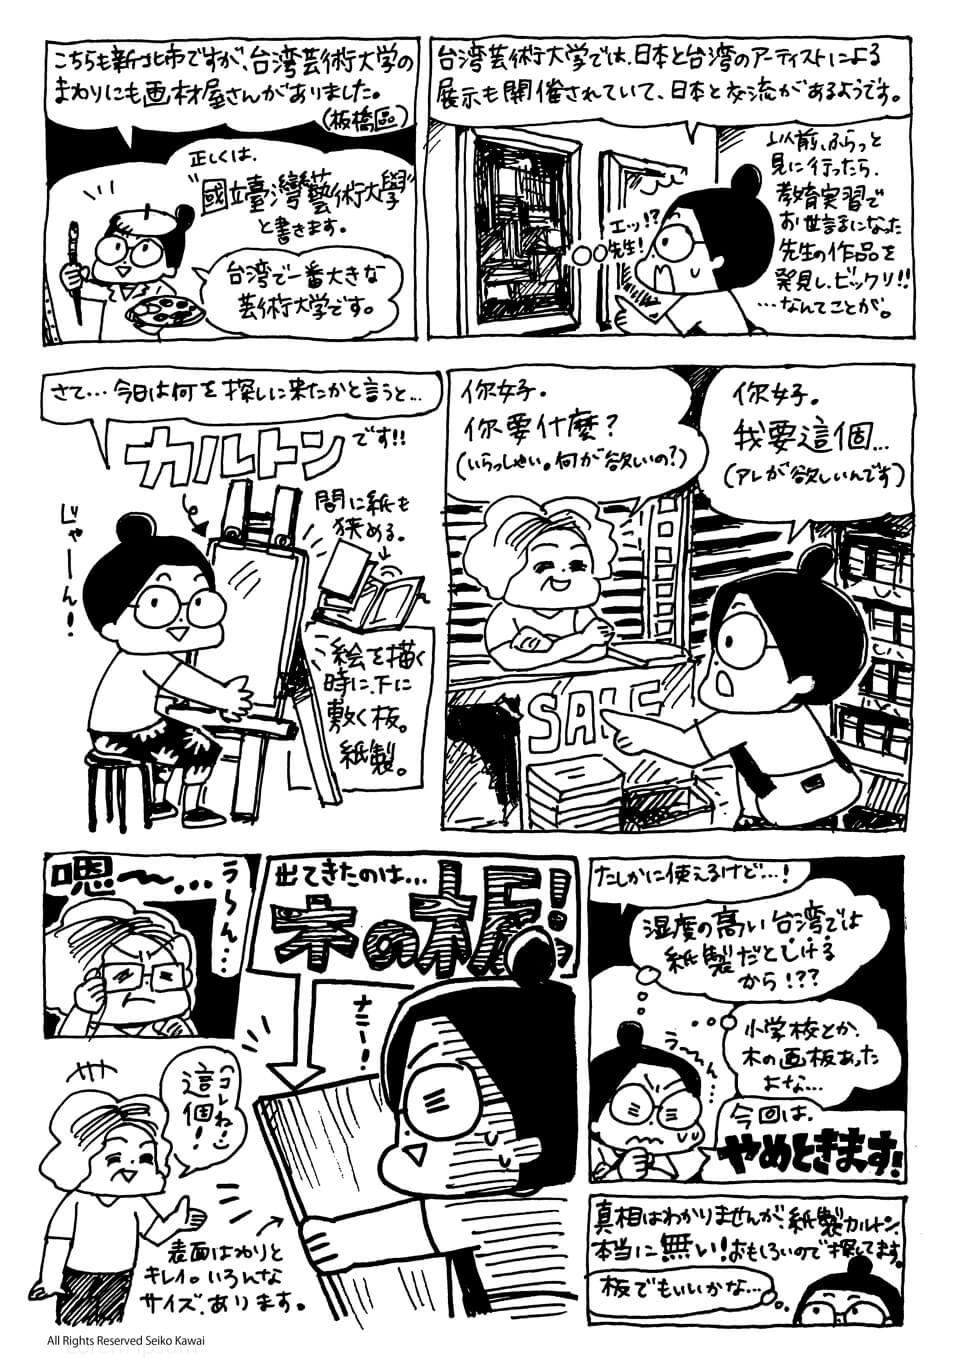 プラスフクオカ |WEBマンガ連載|河合誠子「台湾アート散歩」05